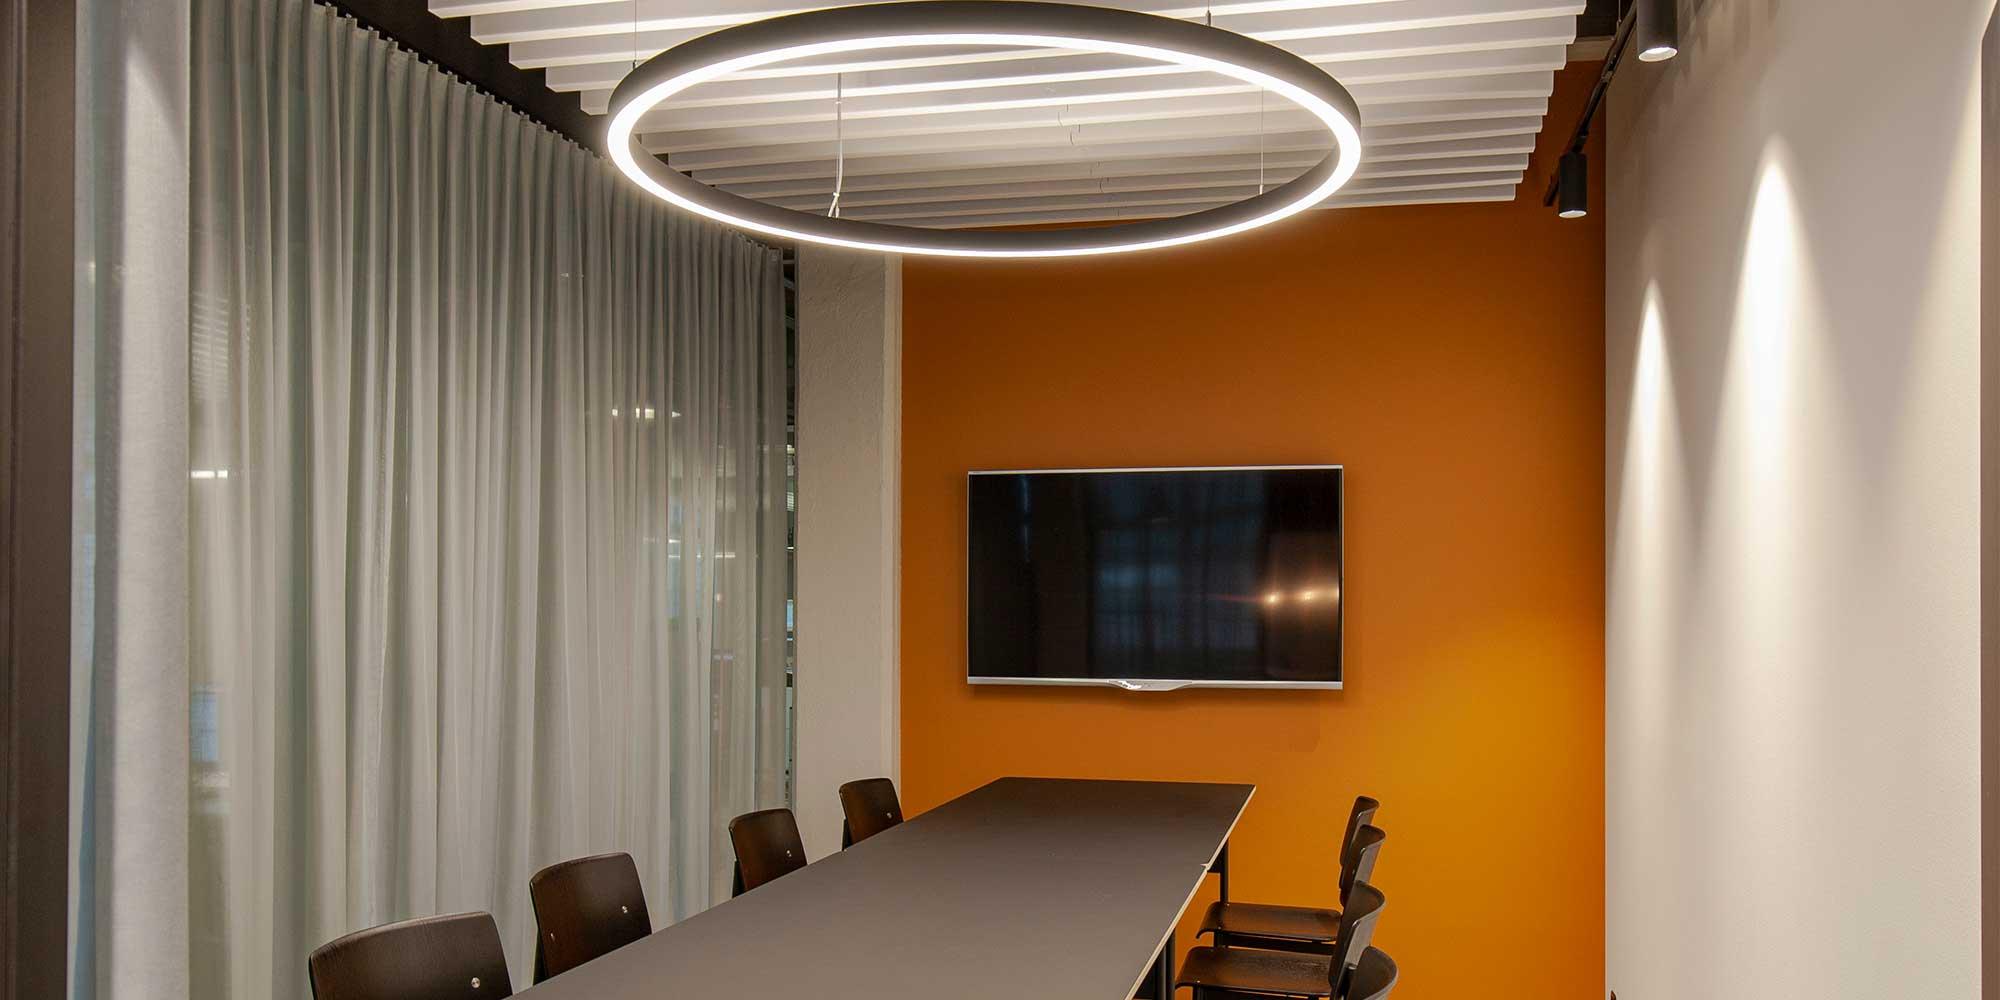 Die architektonische Leuchte von Lightnet, Ringo Star, wurde als Grundbeleuchtung gewählt. Die Wände werden mit Stromschienenstrahler ausgeleuchtet. Der lange Sitzungstisch wurde mit einen grossen Screen ergänzt, damit der kreativen Brainstormings nichts mehr im Wege steht. Der graue Vorhang dient der Diskretion.